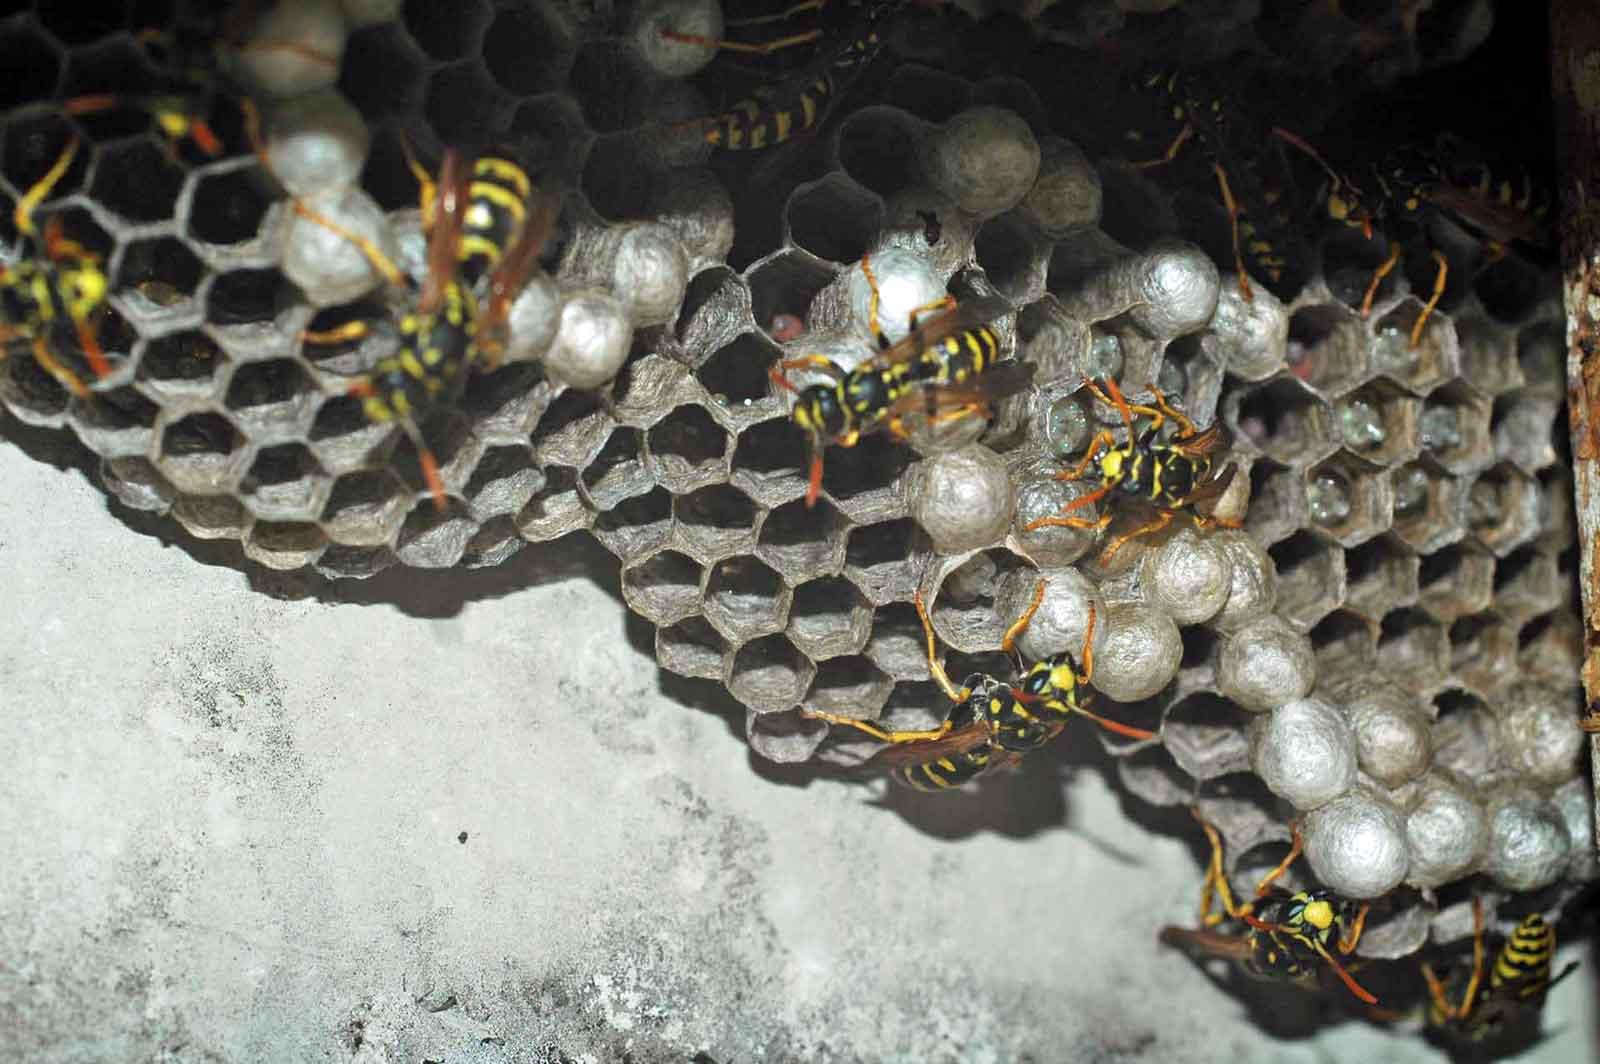 Eine harmlose Feldwespen-Kolonie (Foto: Honighäuschen)